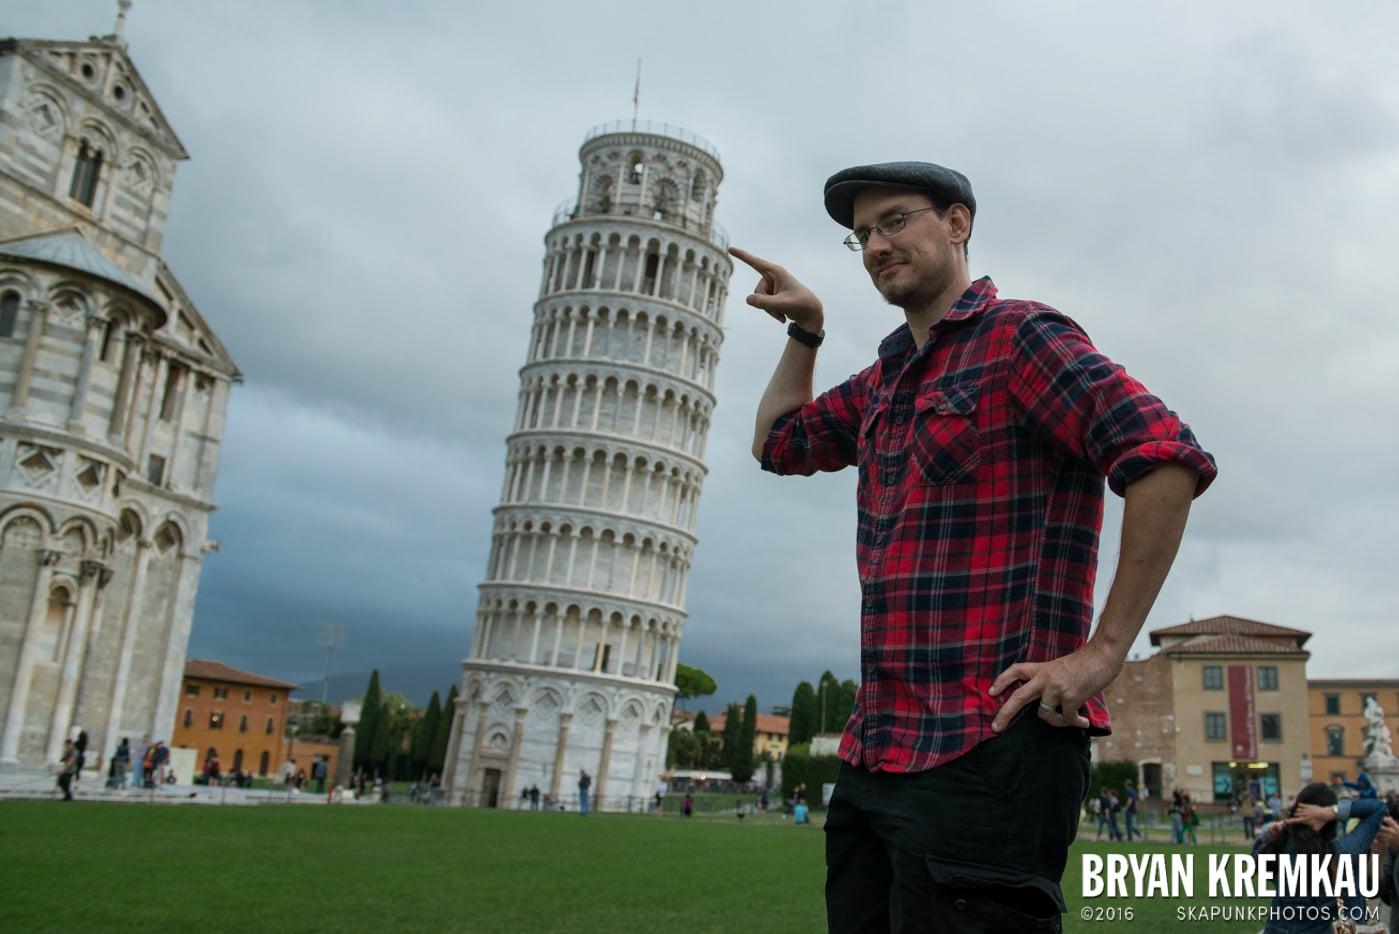 Italy Vacation - Day 8: Siena, San Gimignano, Chianti, Pisa - 9.16.13 (13)